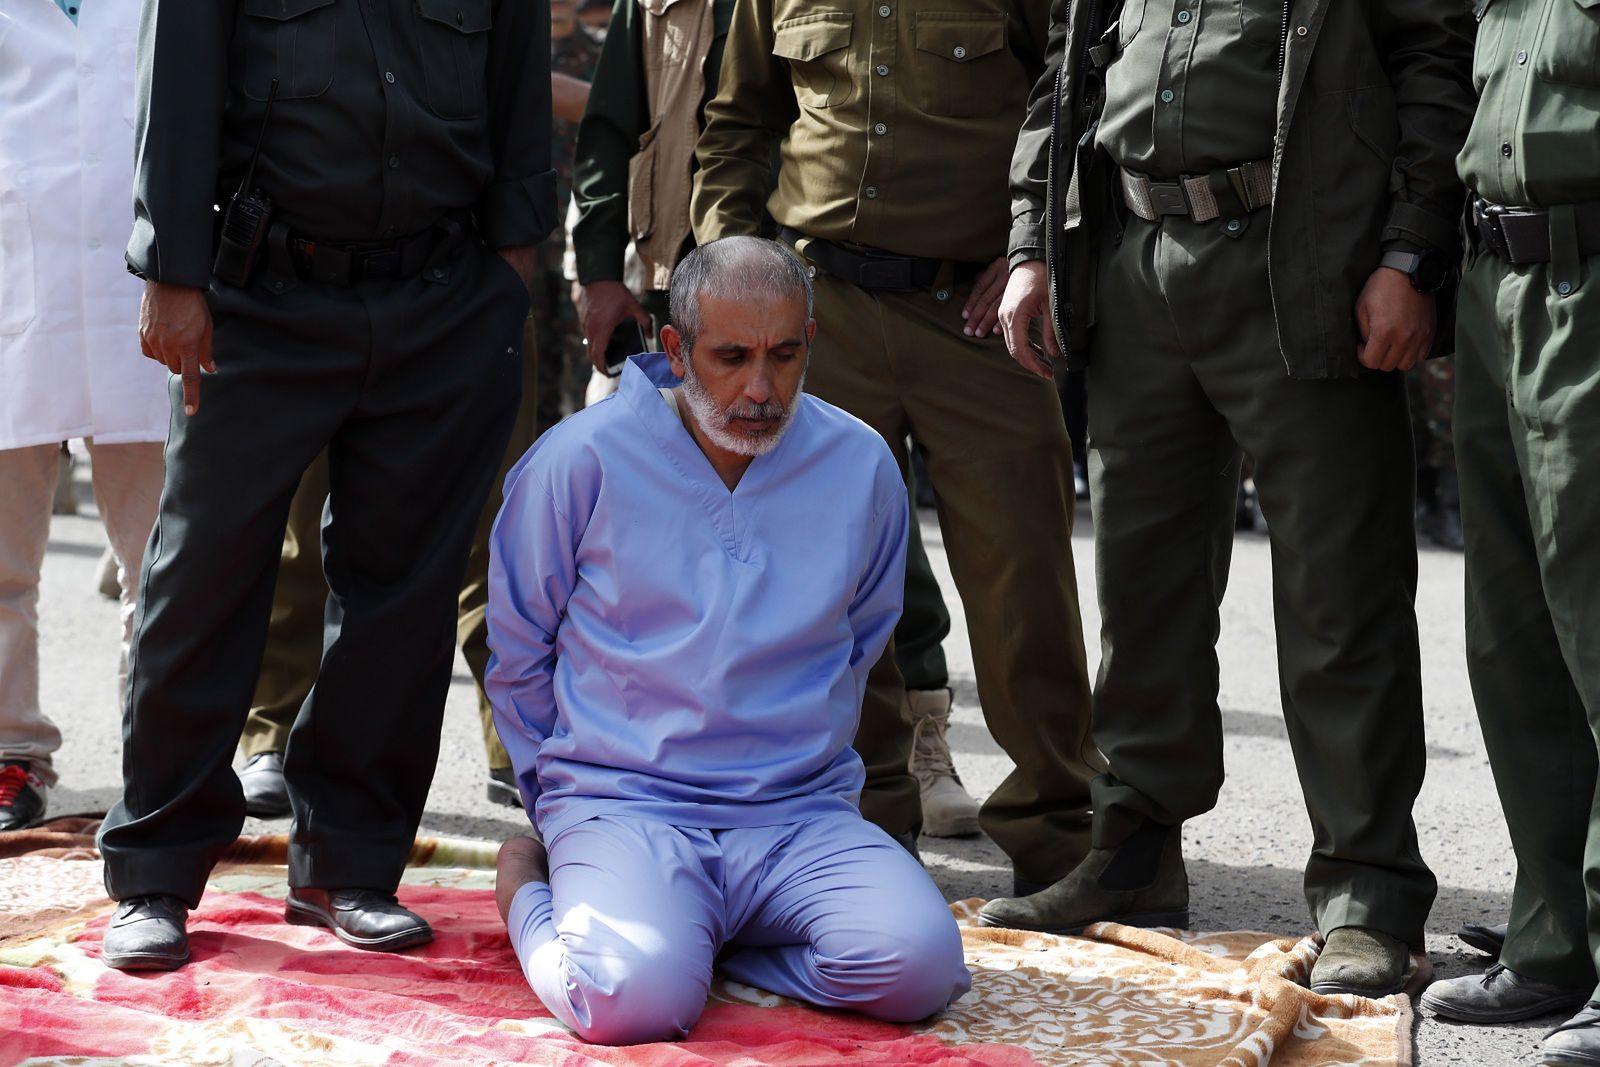 3 qızını boğaraq öldürən şəxs meydanda edam edildi - FOTO